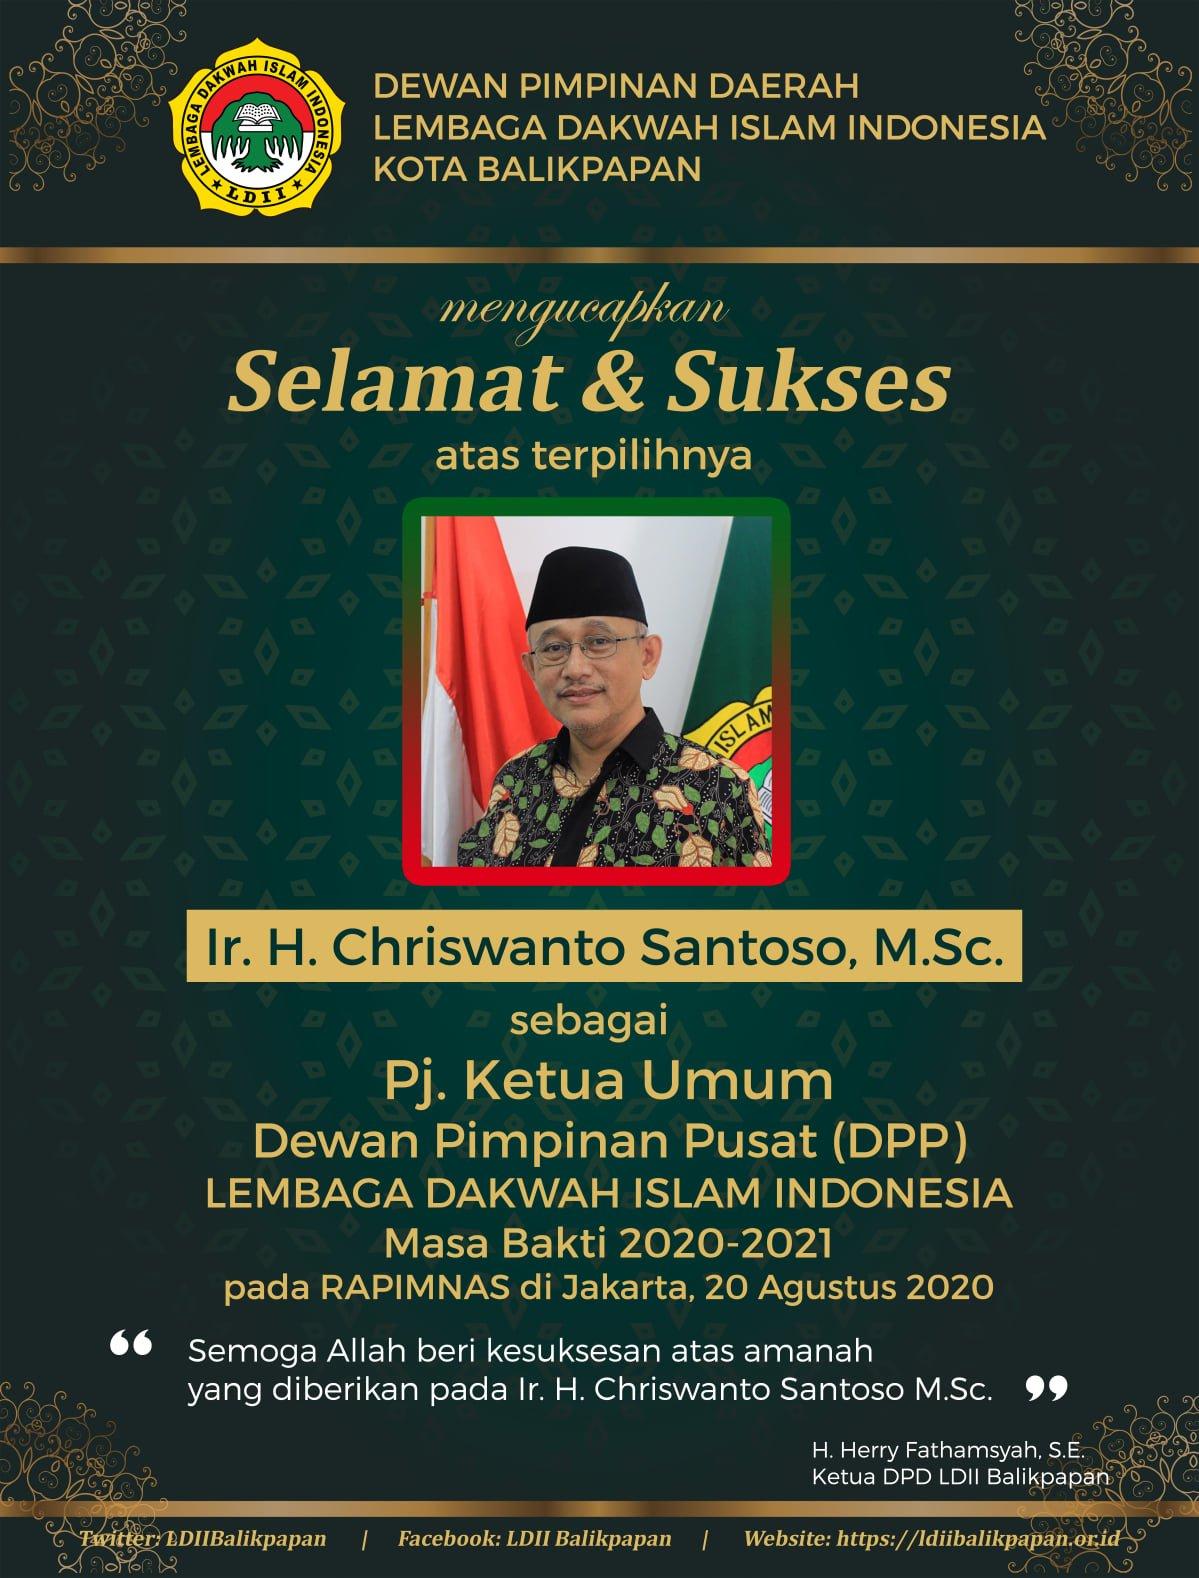 Ucapan selamat dan sukses atas terpilihnya Ir. H. Chriswanto Santoso M.Sc. sebagai Pj. Ketua Umum DPP LDII pada Rapimnas LDII tahun 2020 secara daring di Jakarta, 19-20 Agustus 2020. Foto: LINES